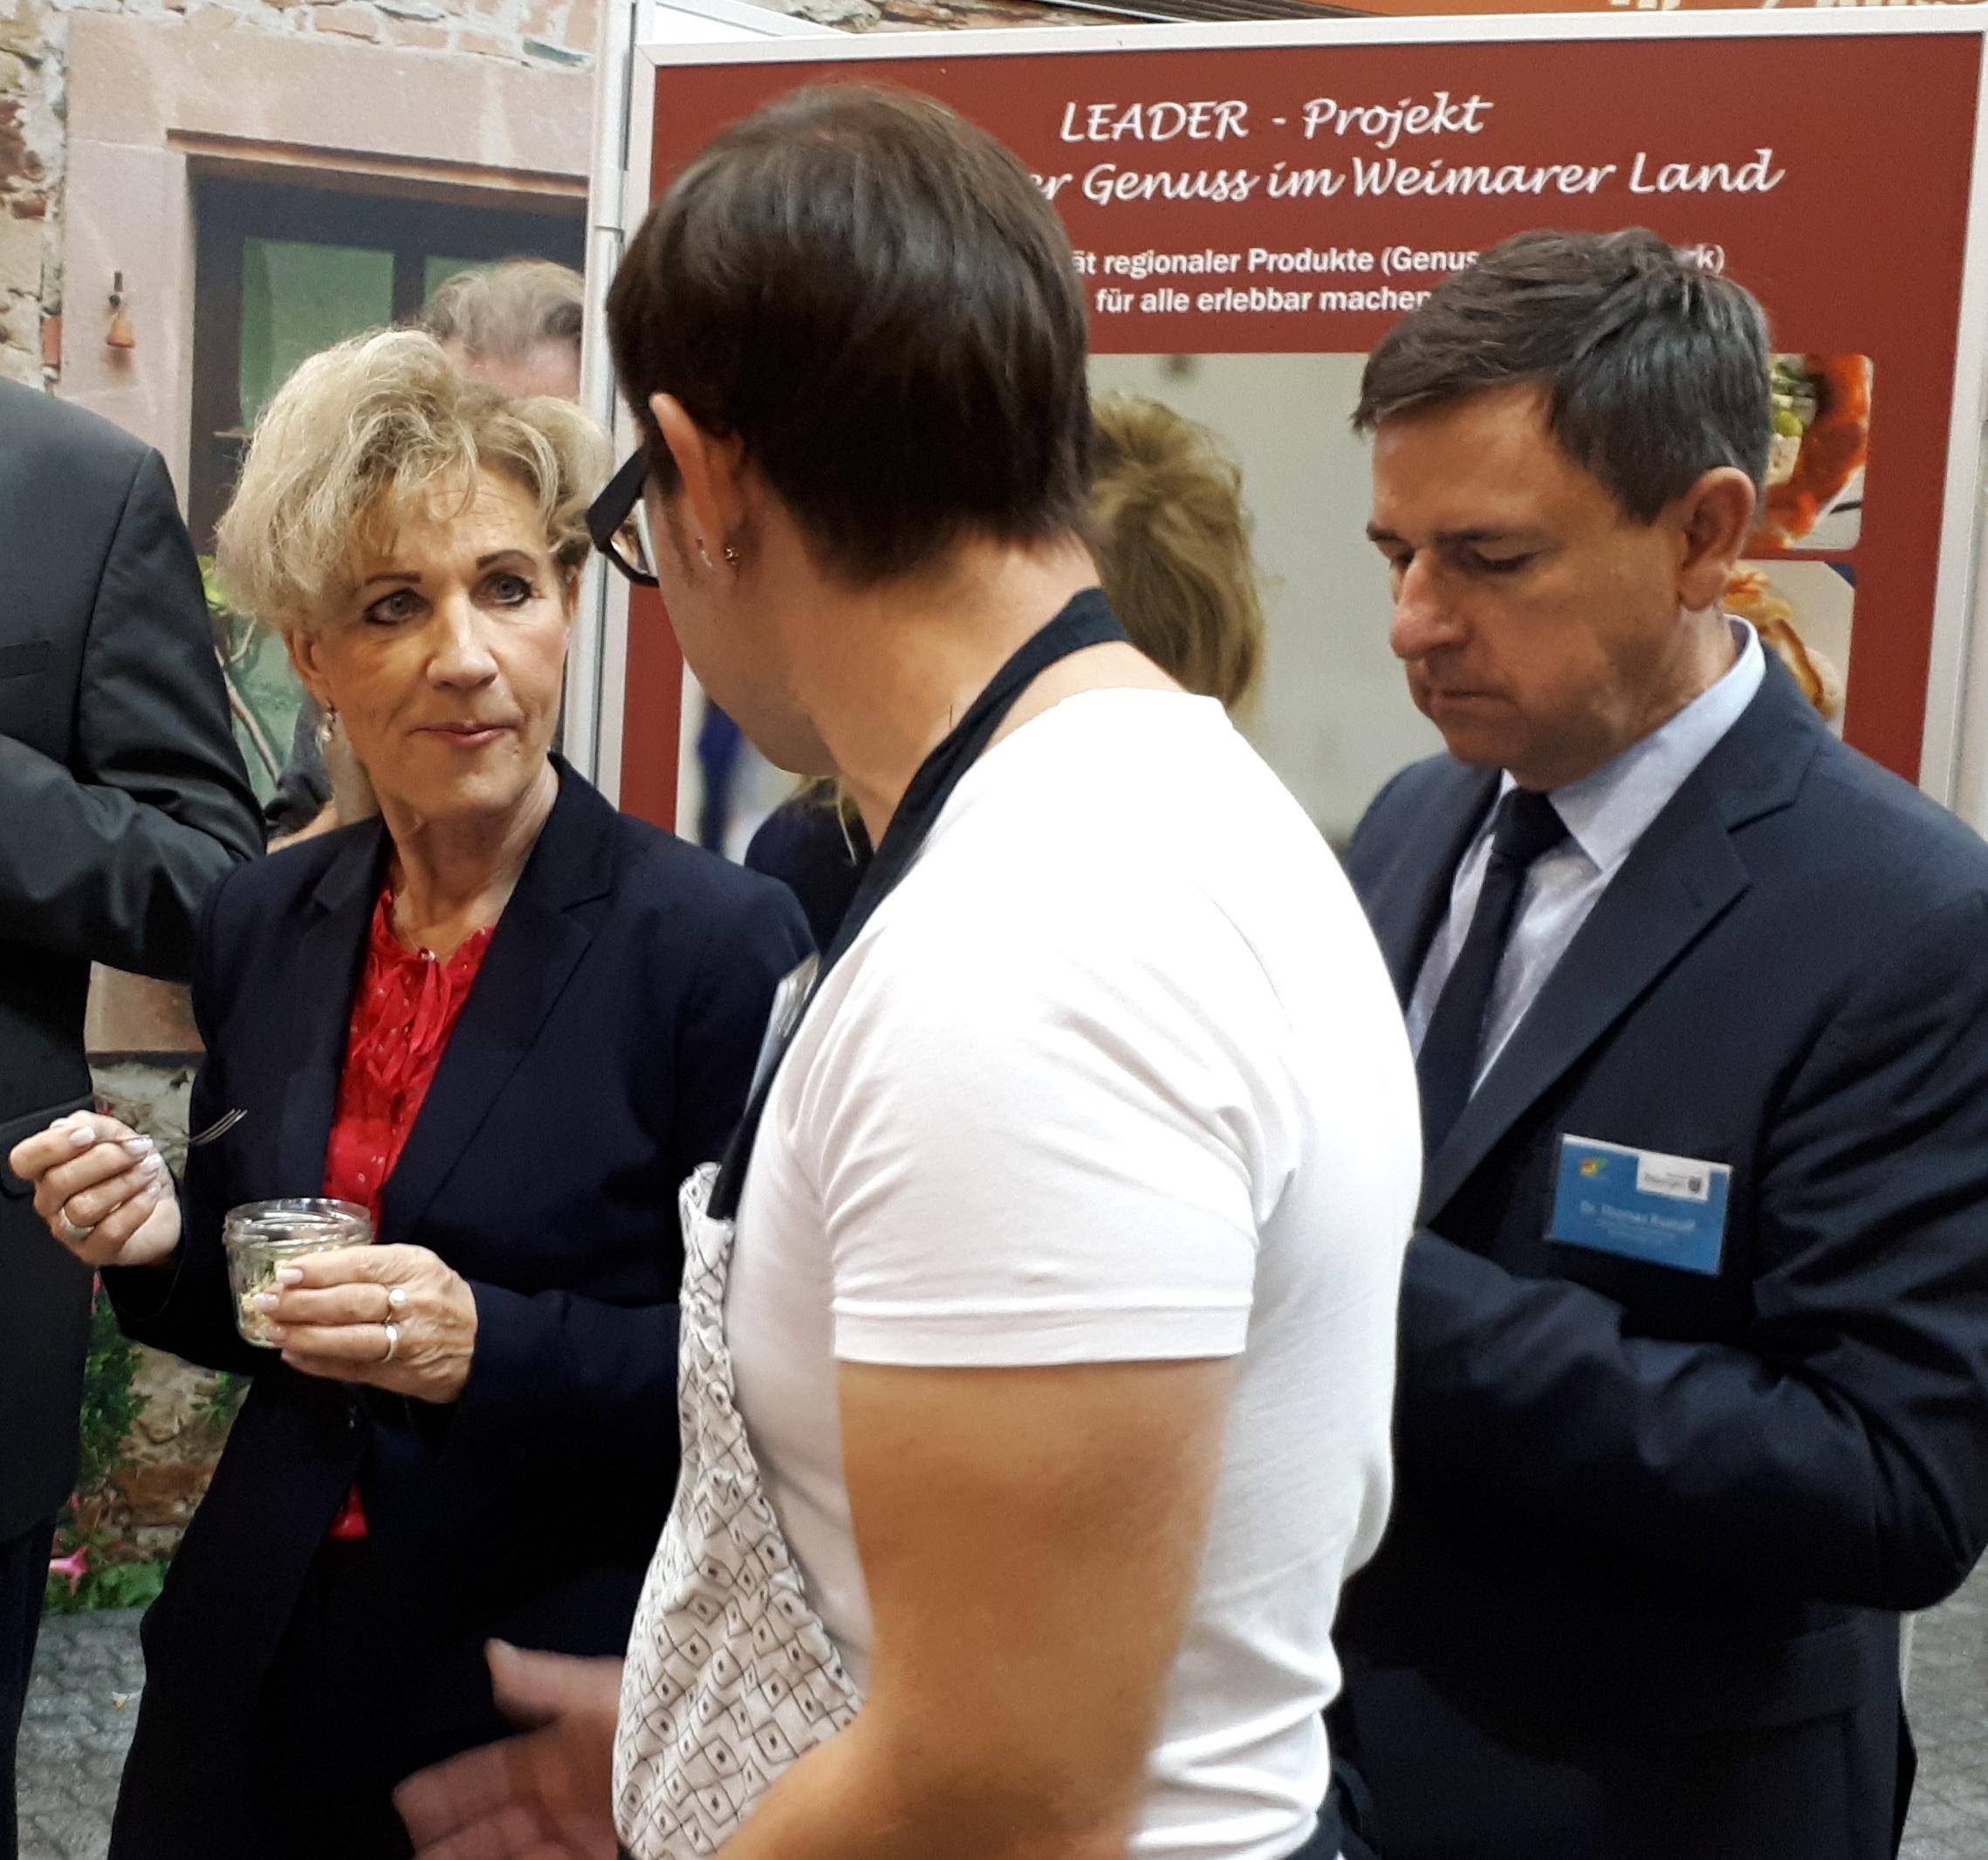 v.l.n.r.: Ministerin Birgit Keller (TMIL), Michael Stark (Kochschule Thüringen), Dr. Thomas Rudloff (Geschäftsführer VLF Thüringen) (Quelle: RAG Weimarer Land-Mittelthüringen e.V.)